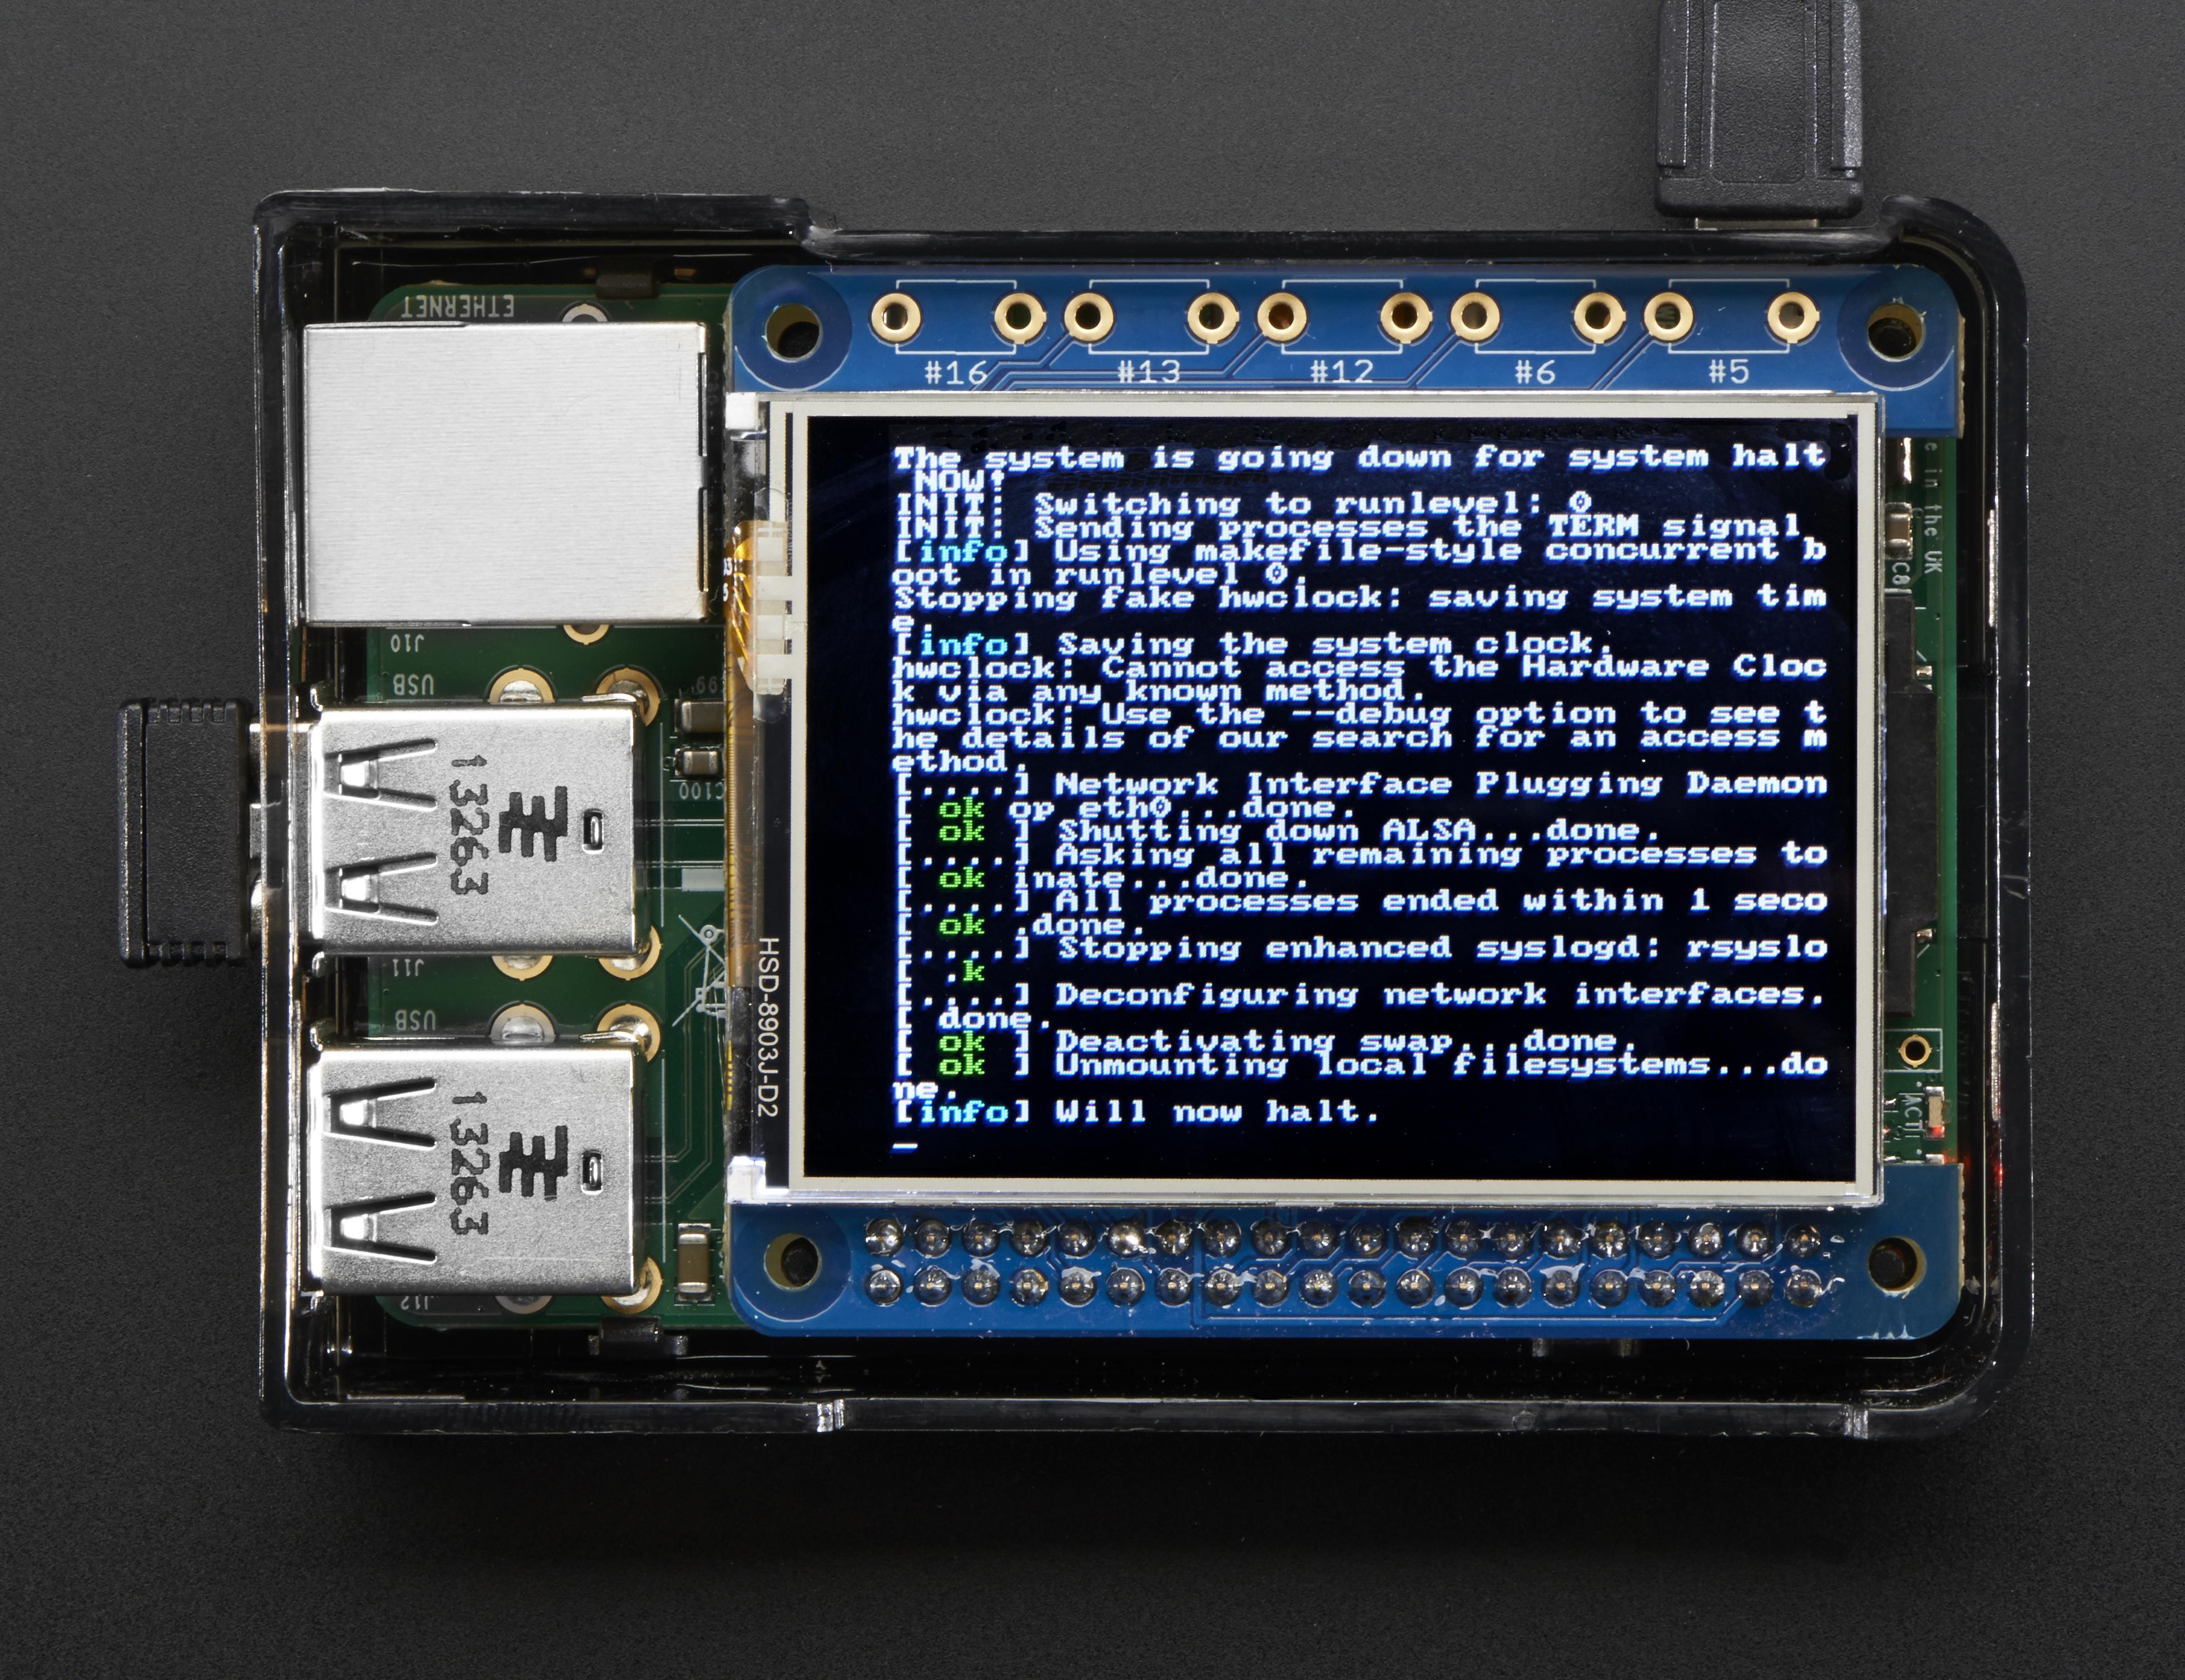 adafruit_products_2455_top_display_1B_ORIG.jpg